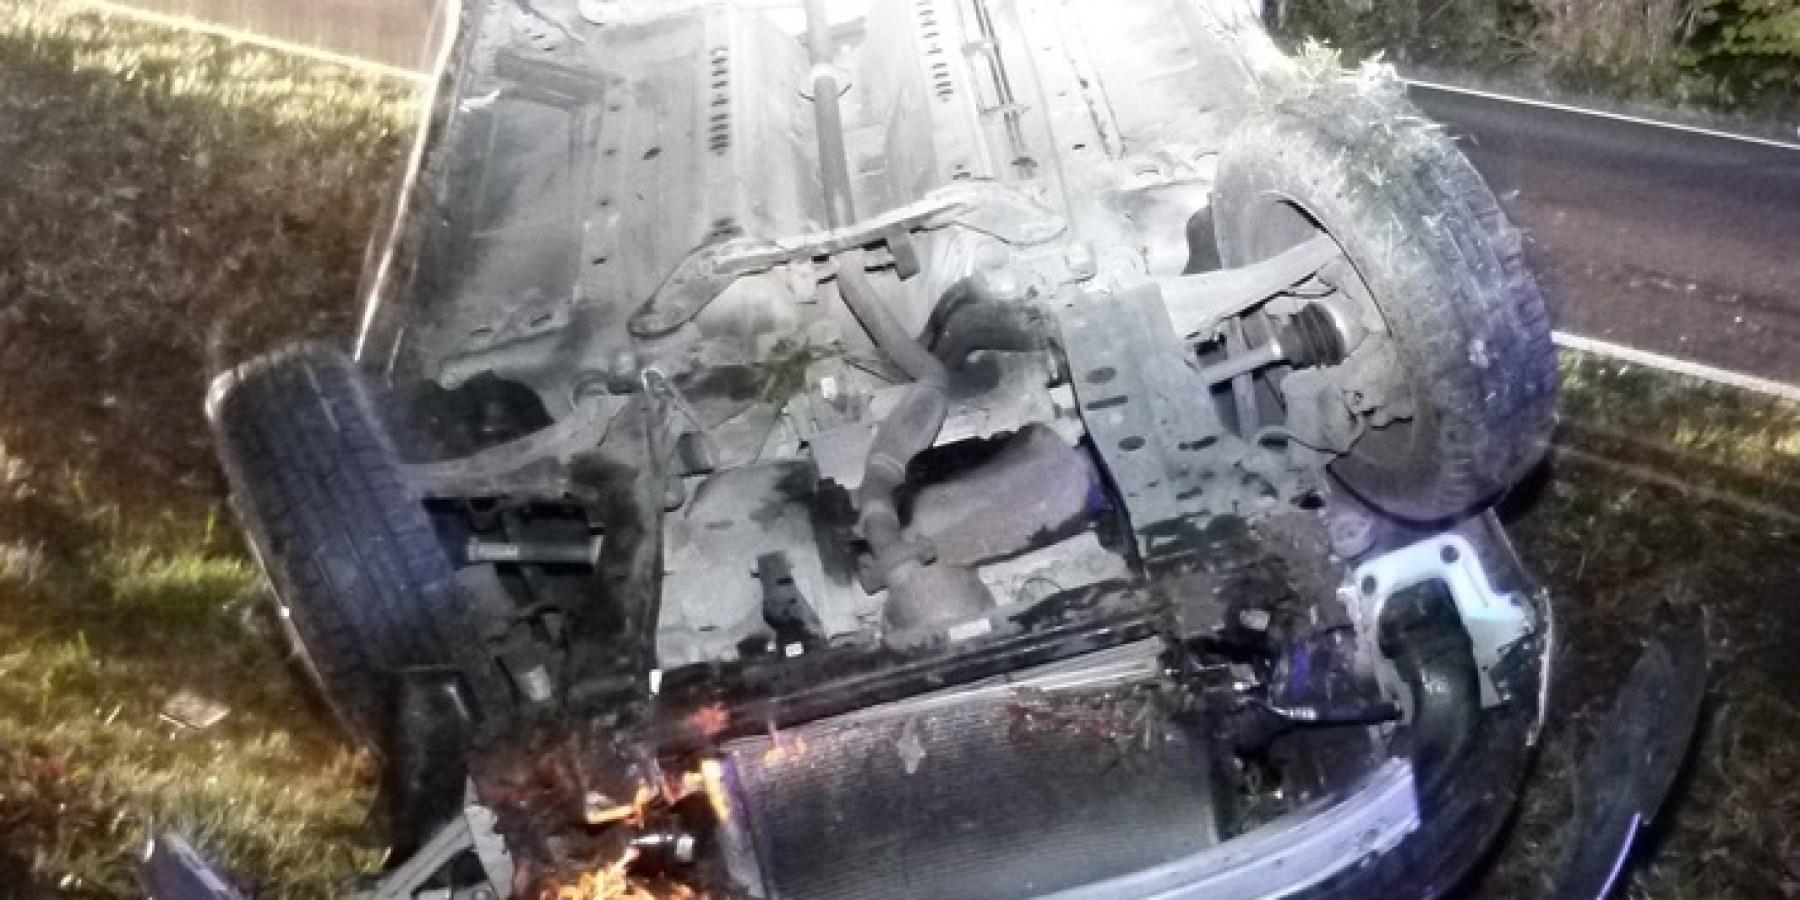 Auto überschlägt sich – 33-Jähriger nach Alkoholunfall schwer verletzt